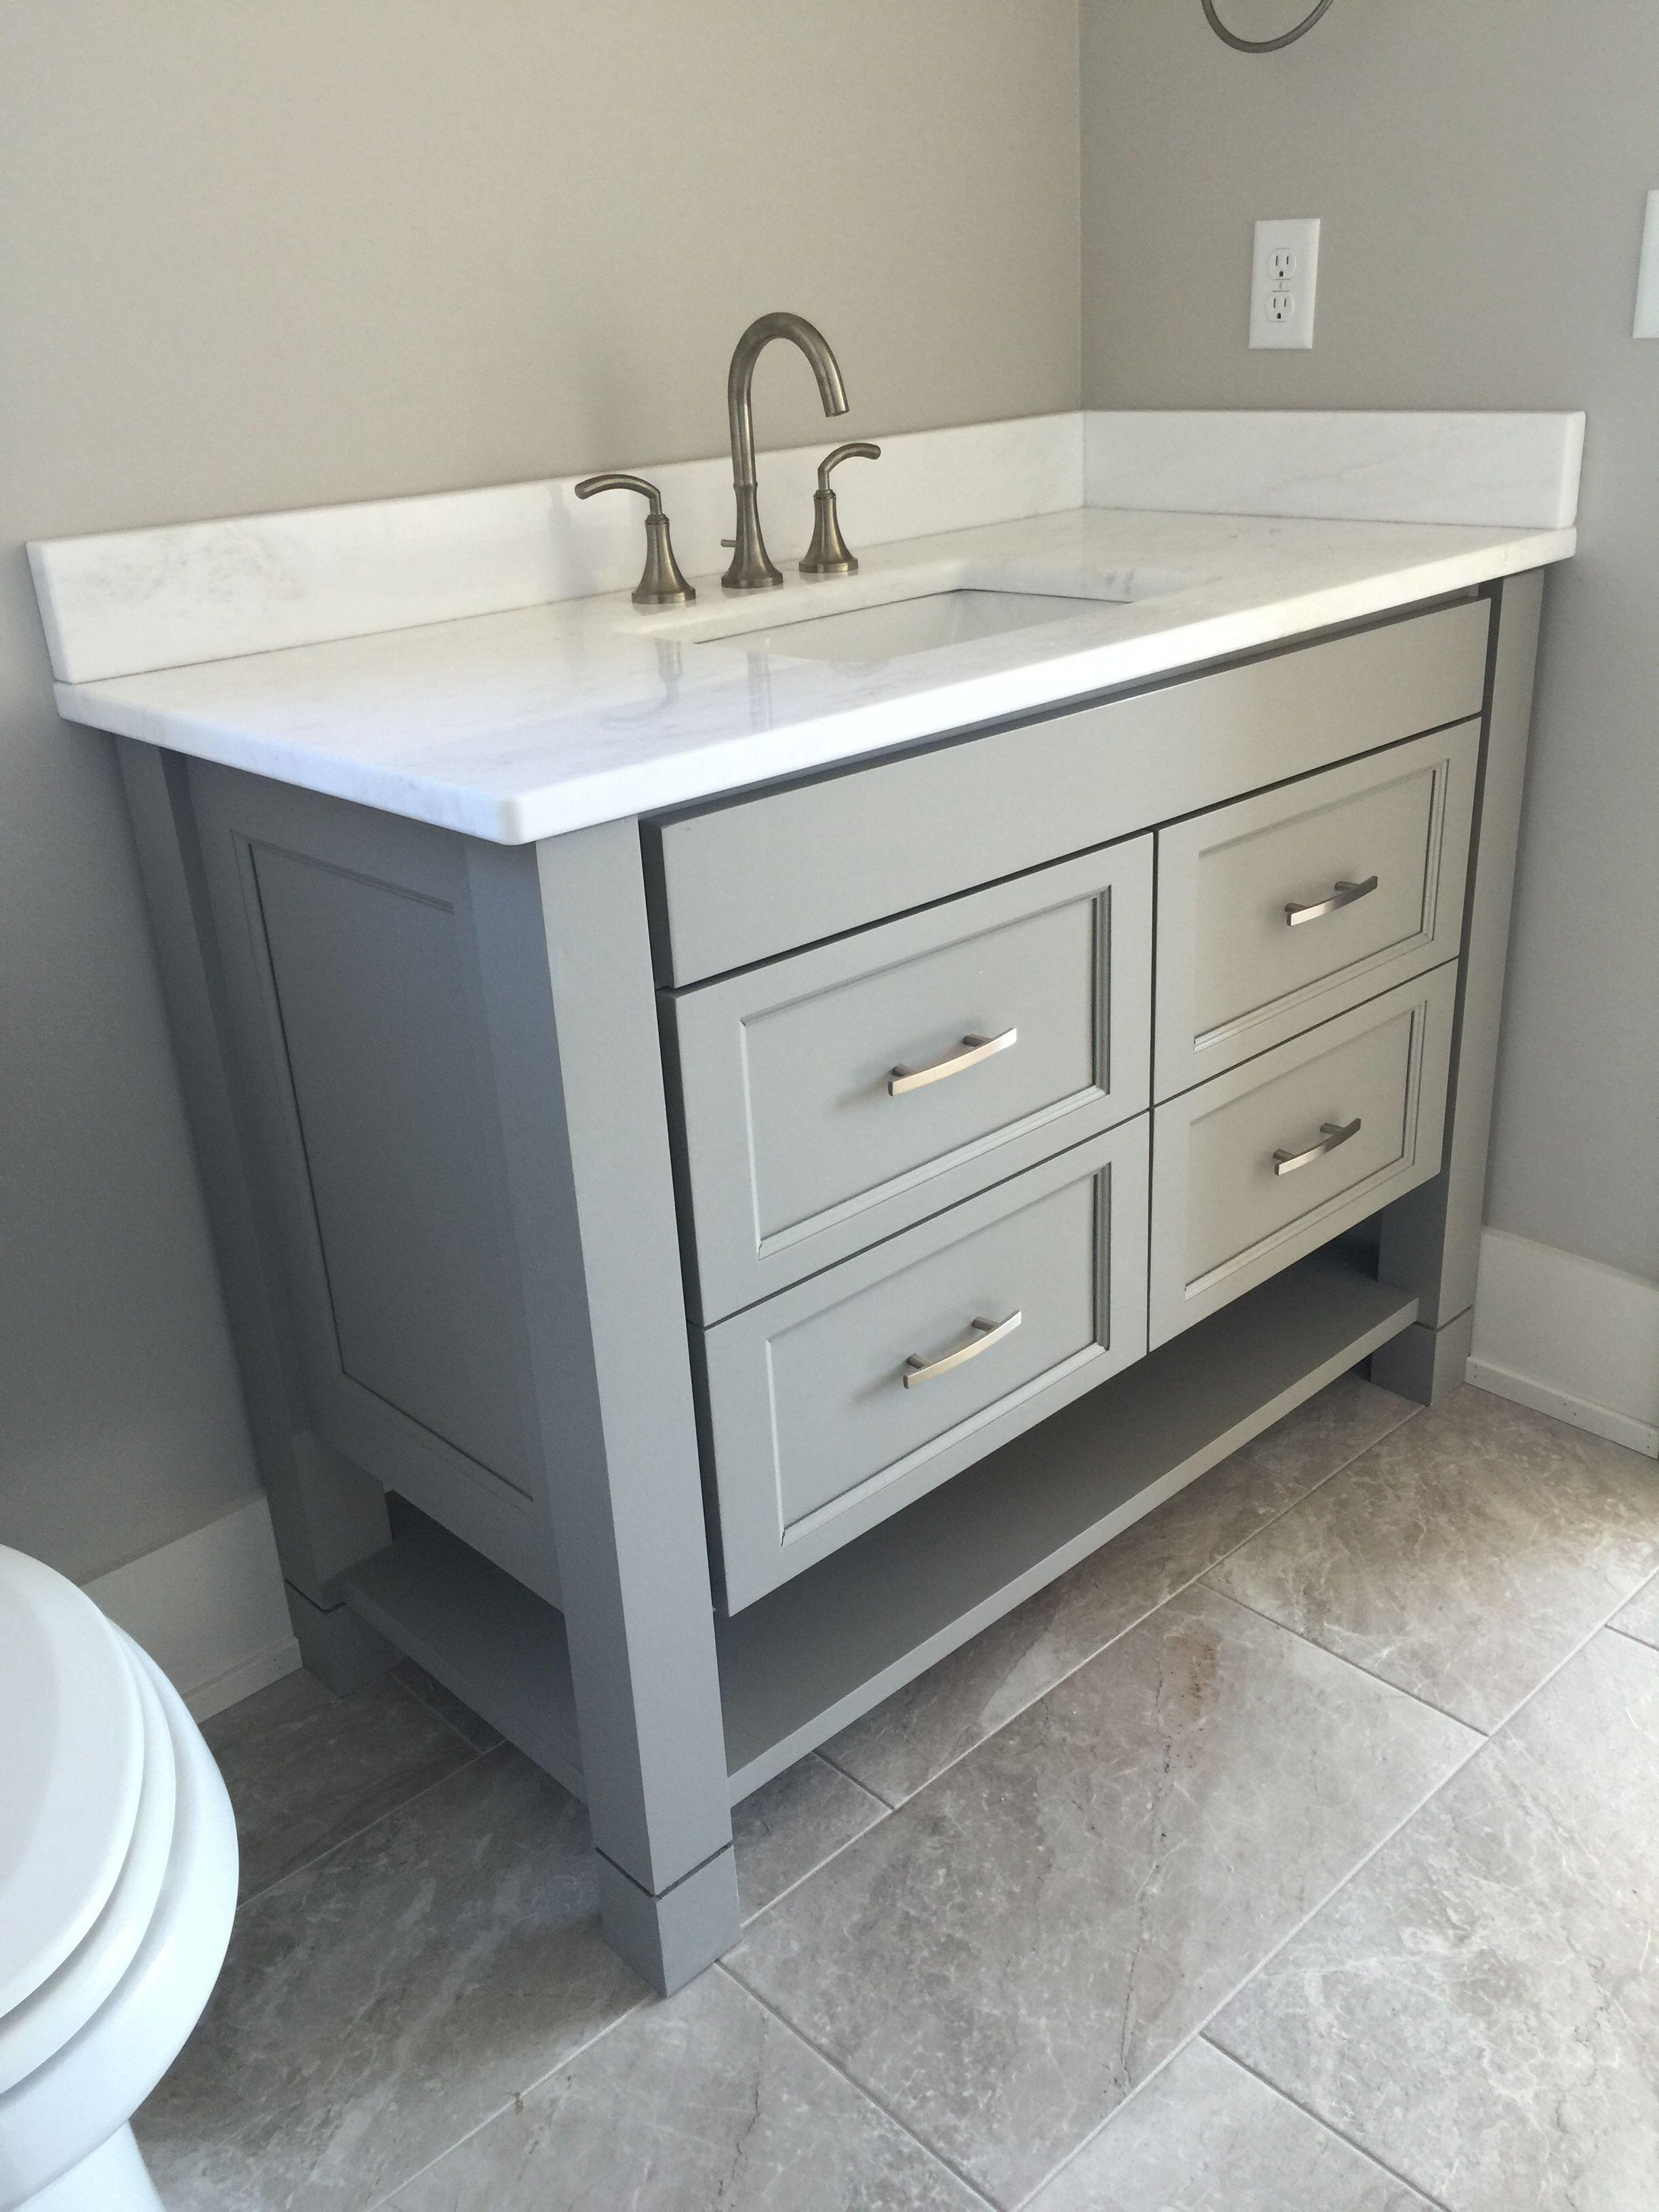 Custom Bath Vanity by Stylecraft Custom Wood Products 864 ...